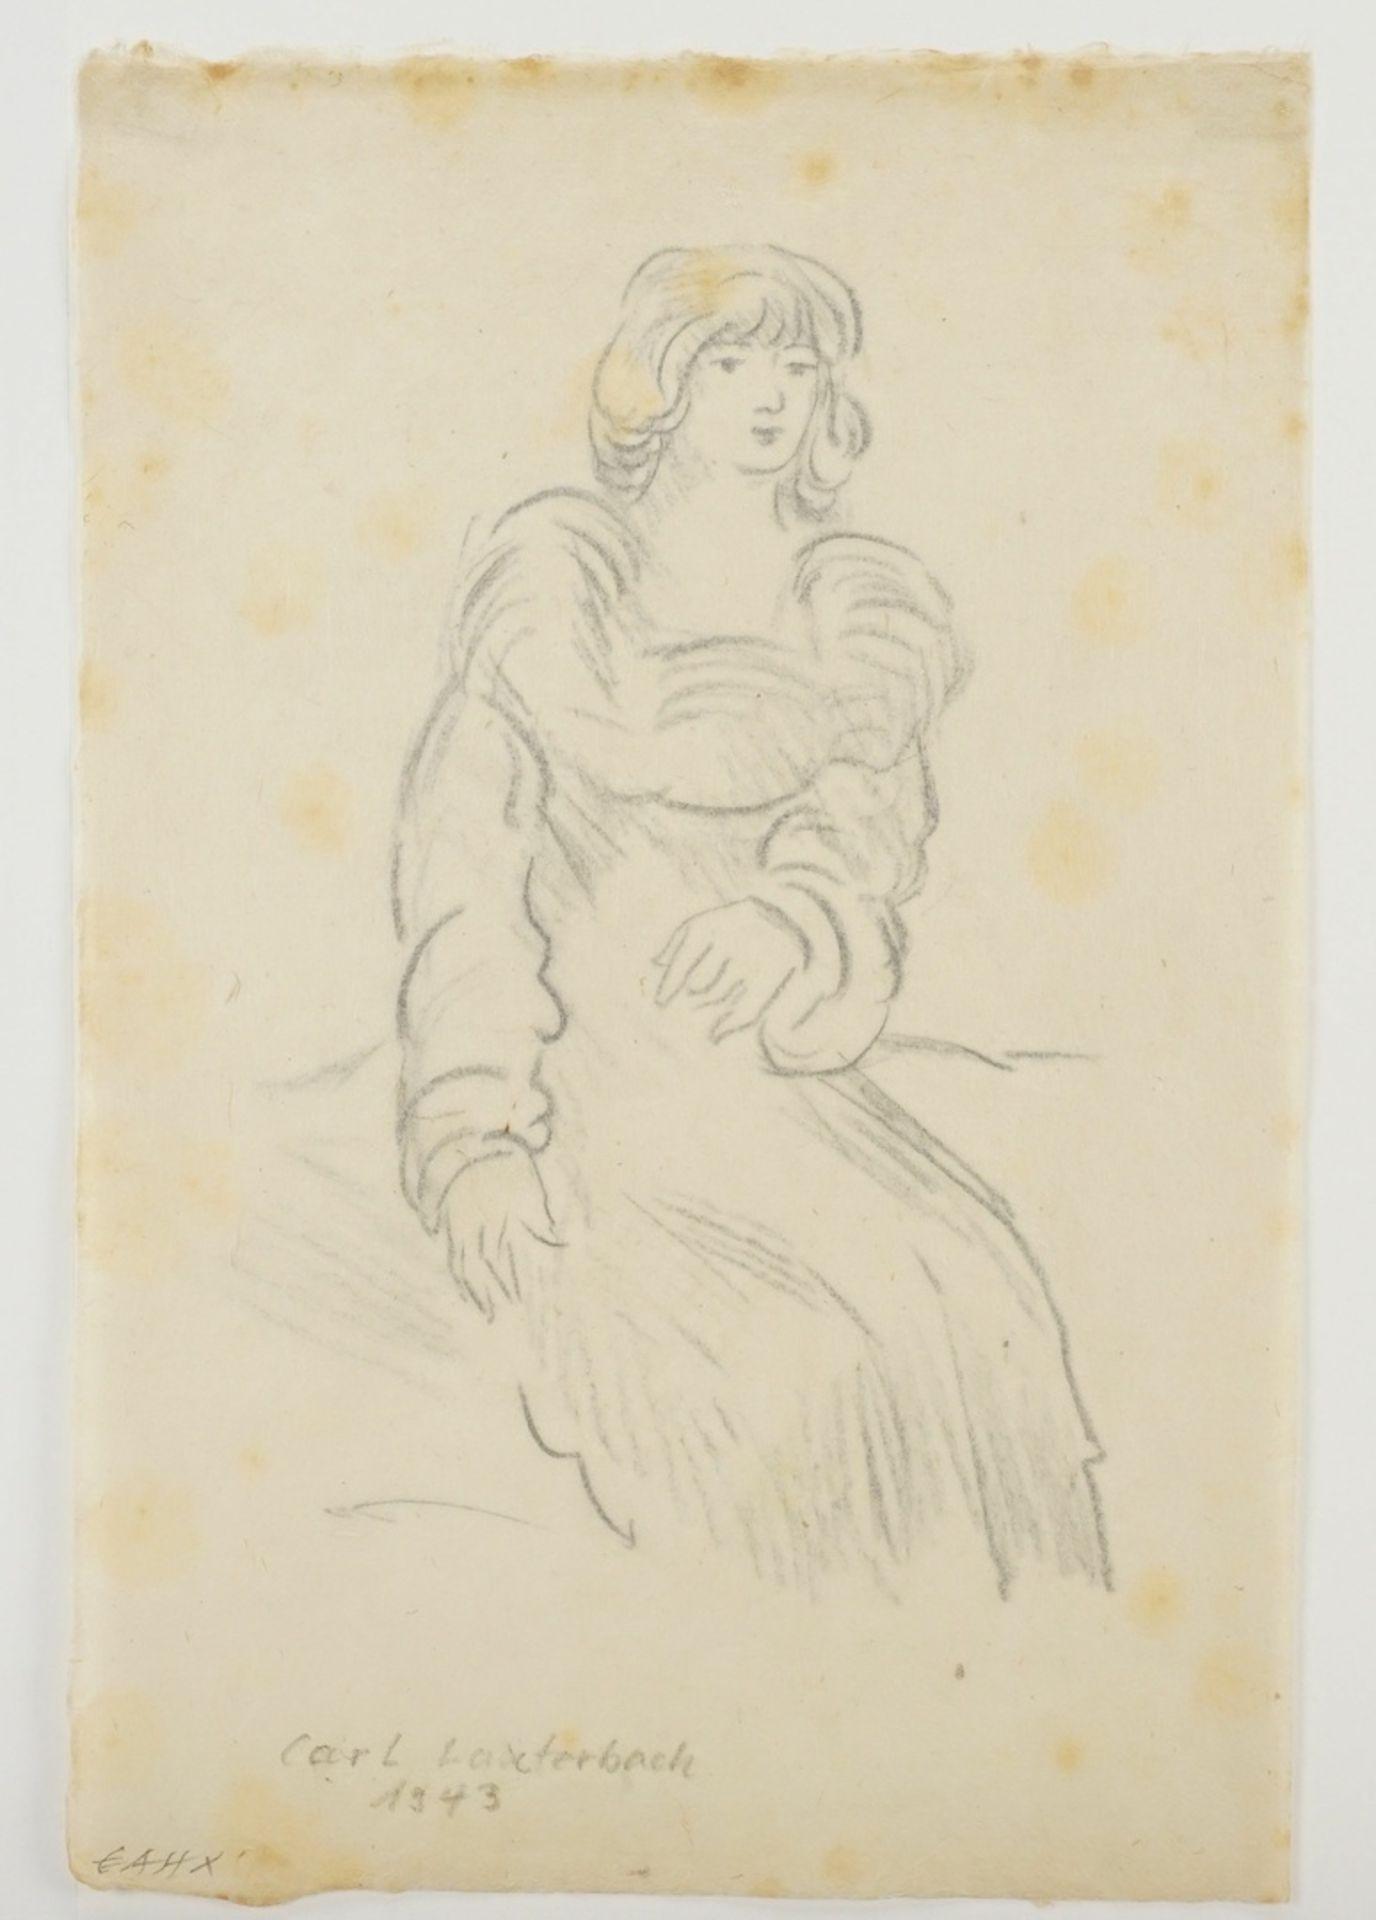 Carl Lauterbach, Junge Dame mit großem Kragen - Bild 3 aus 4